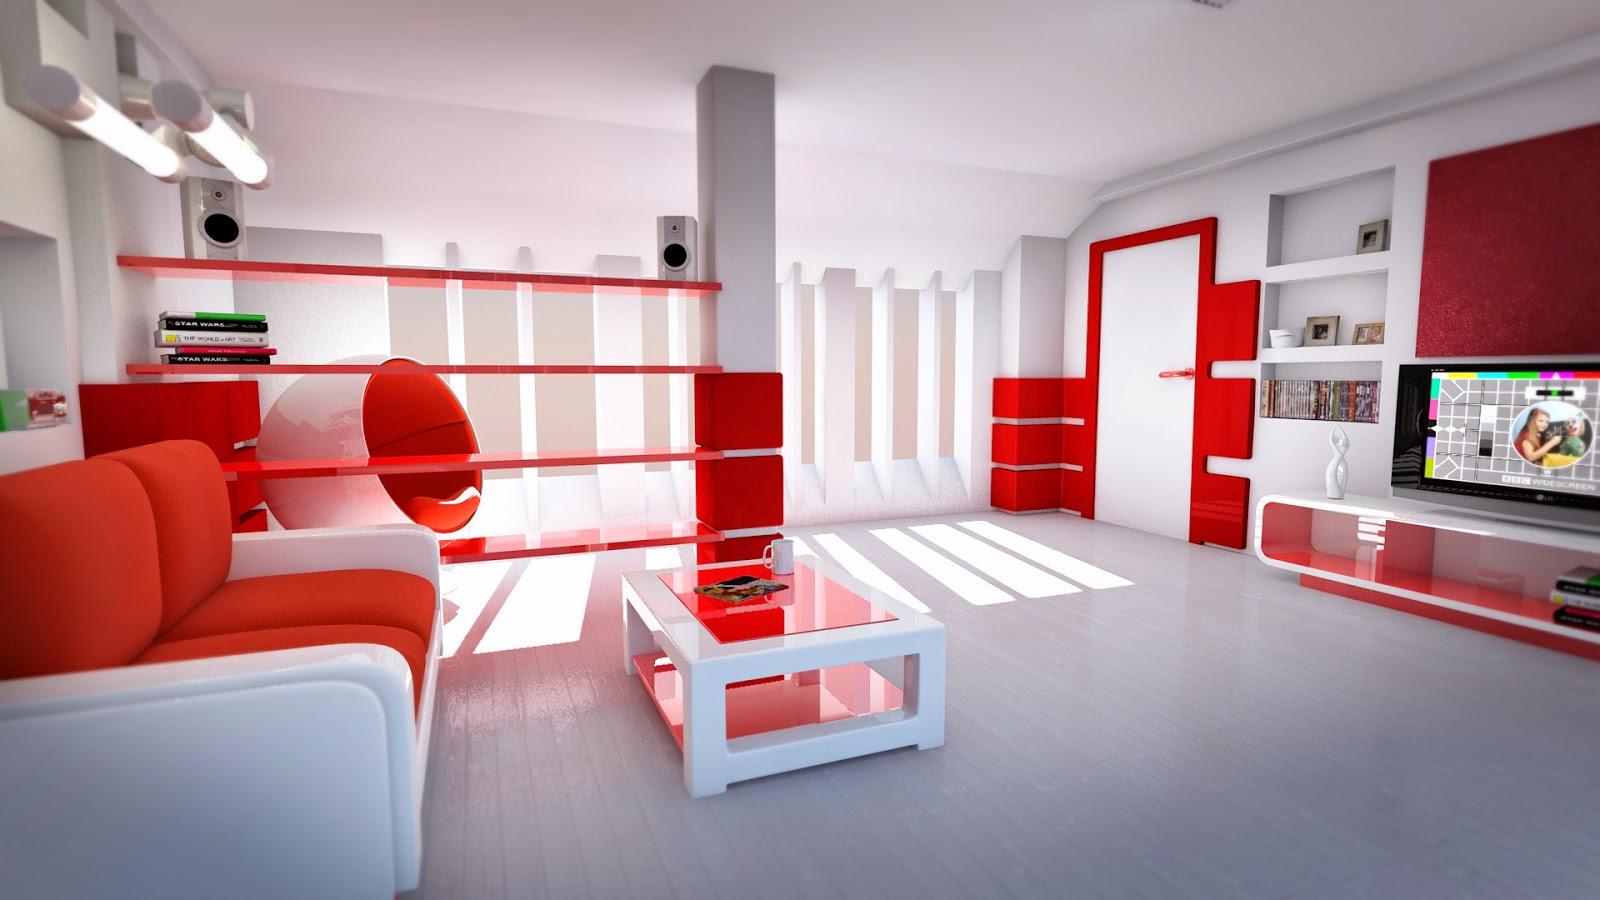 Muebles X Muebles: Decorar la sala en color rojo